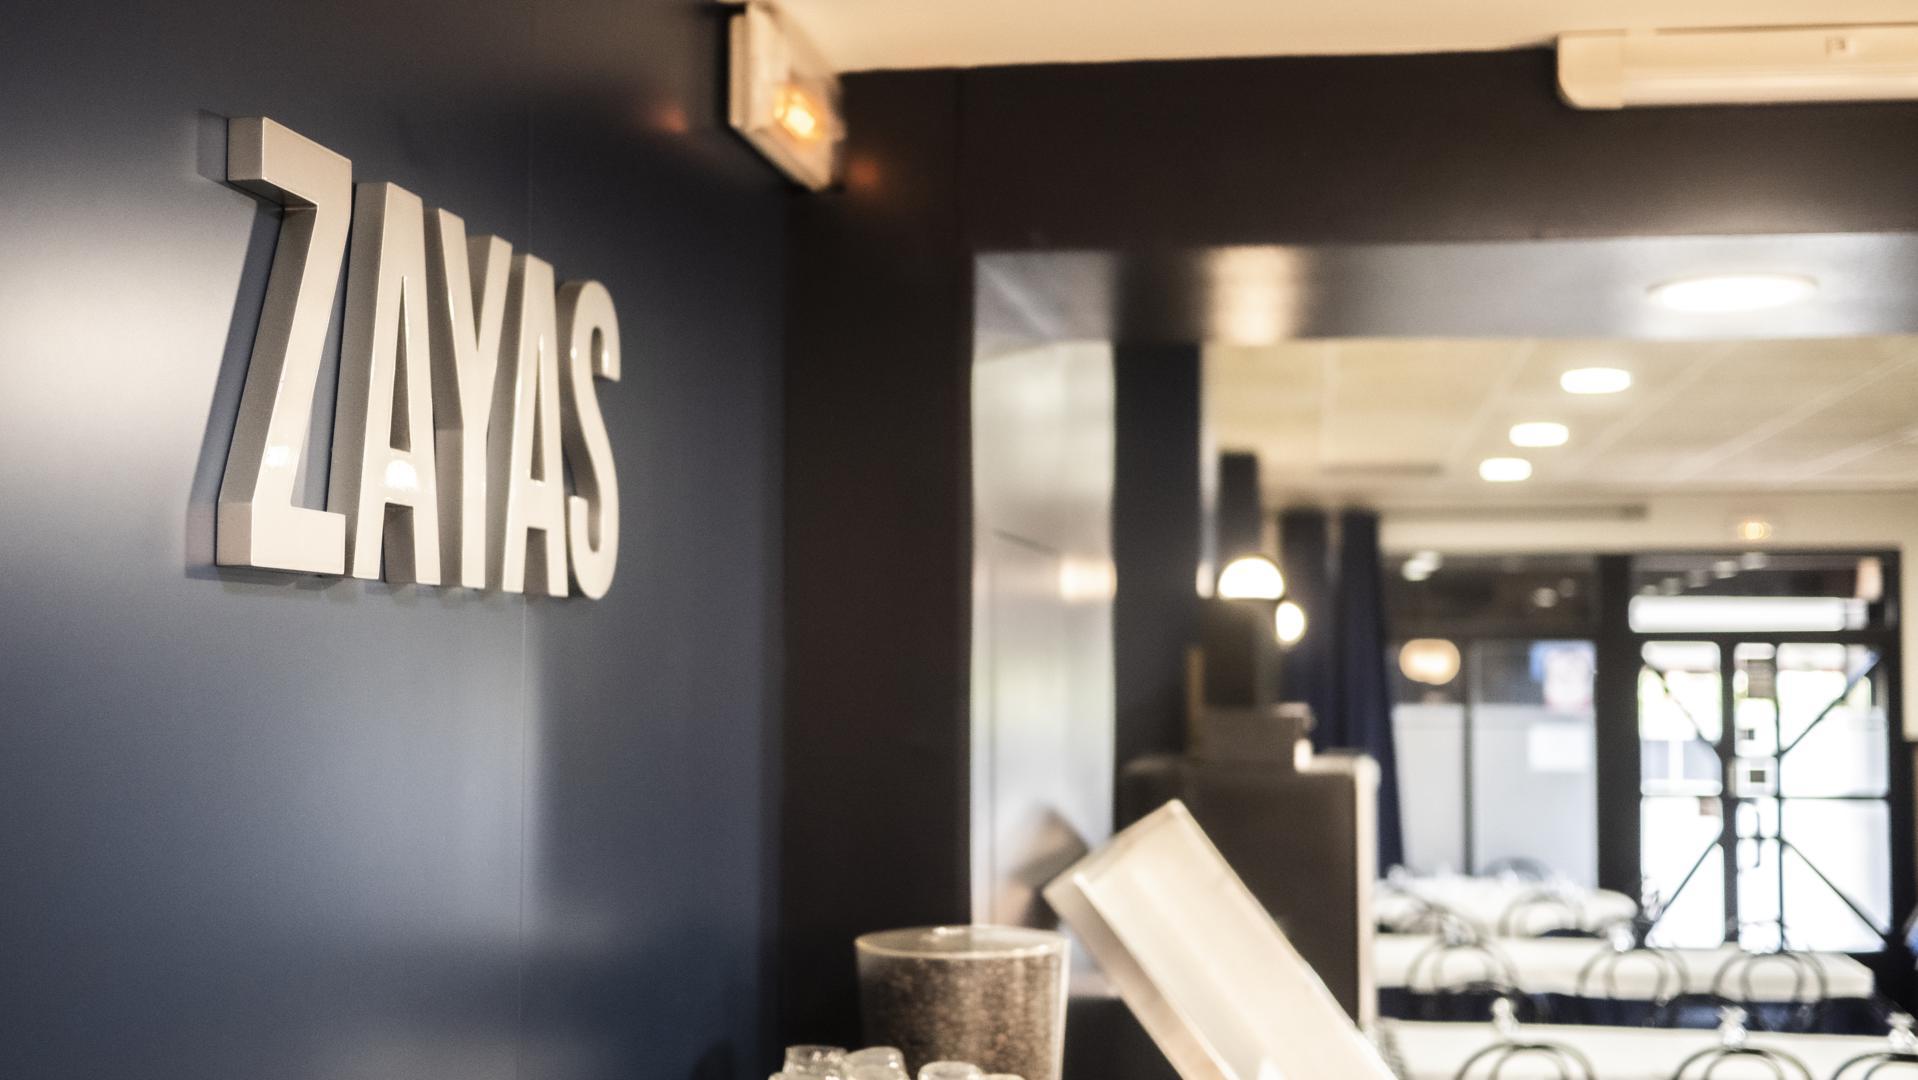 P1040661 1918x1080 - Reforma Restaurante ZAYAS - La Vilavella